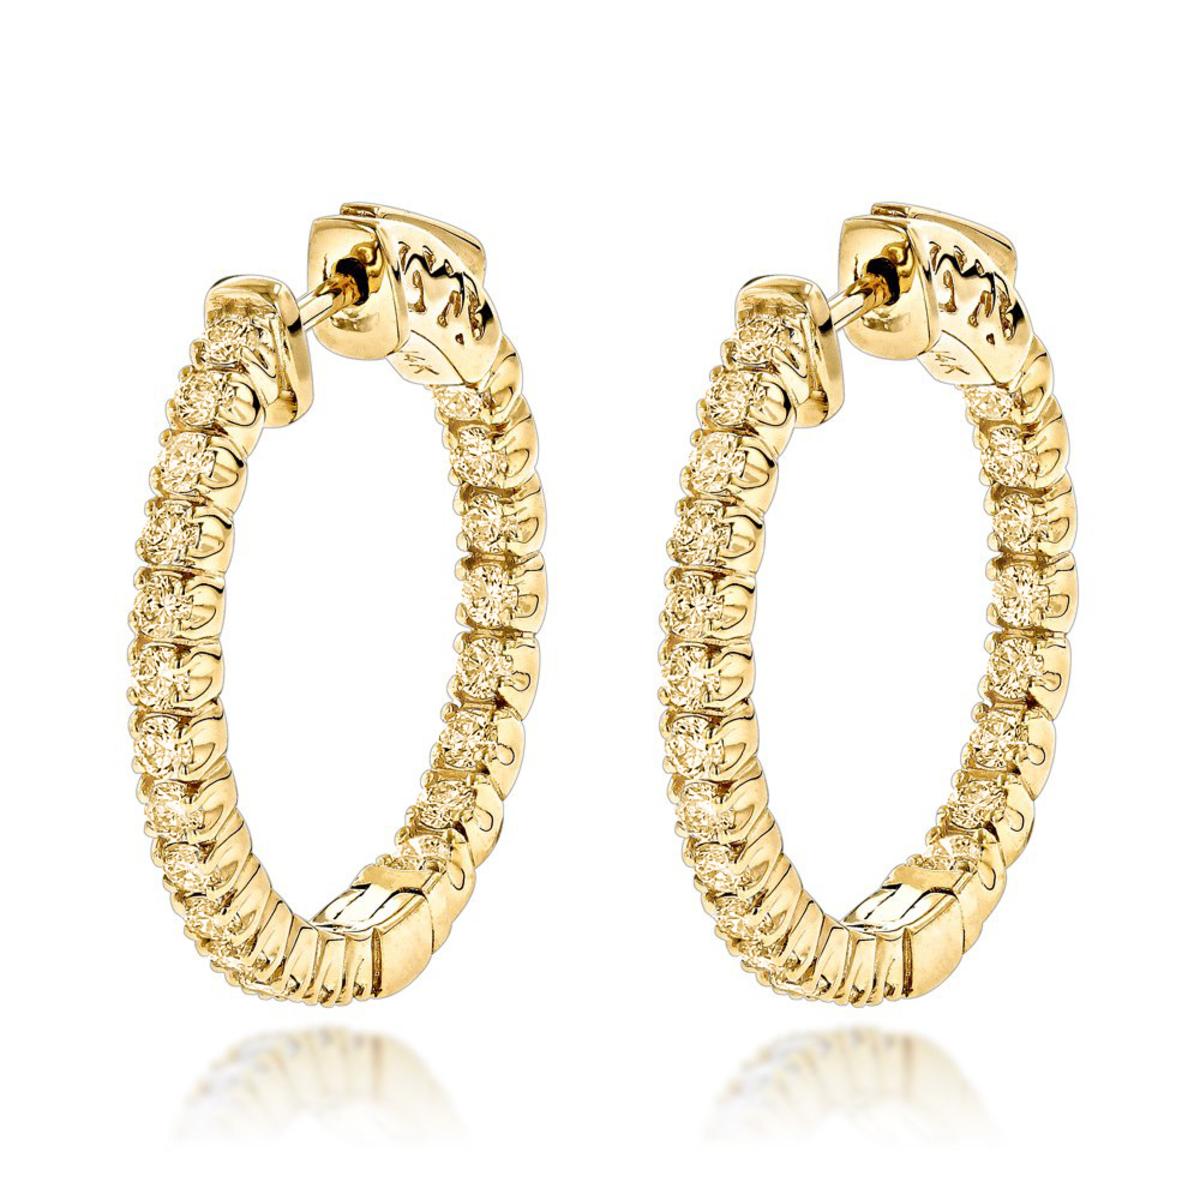 14K Gold Inside Out Yellow Diamond Hoop Earrings 1.33ct by Luxurman